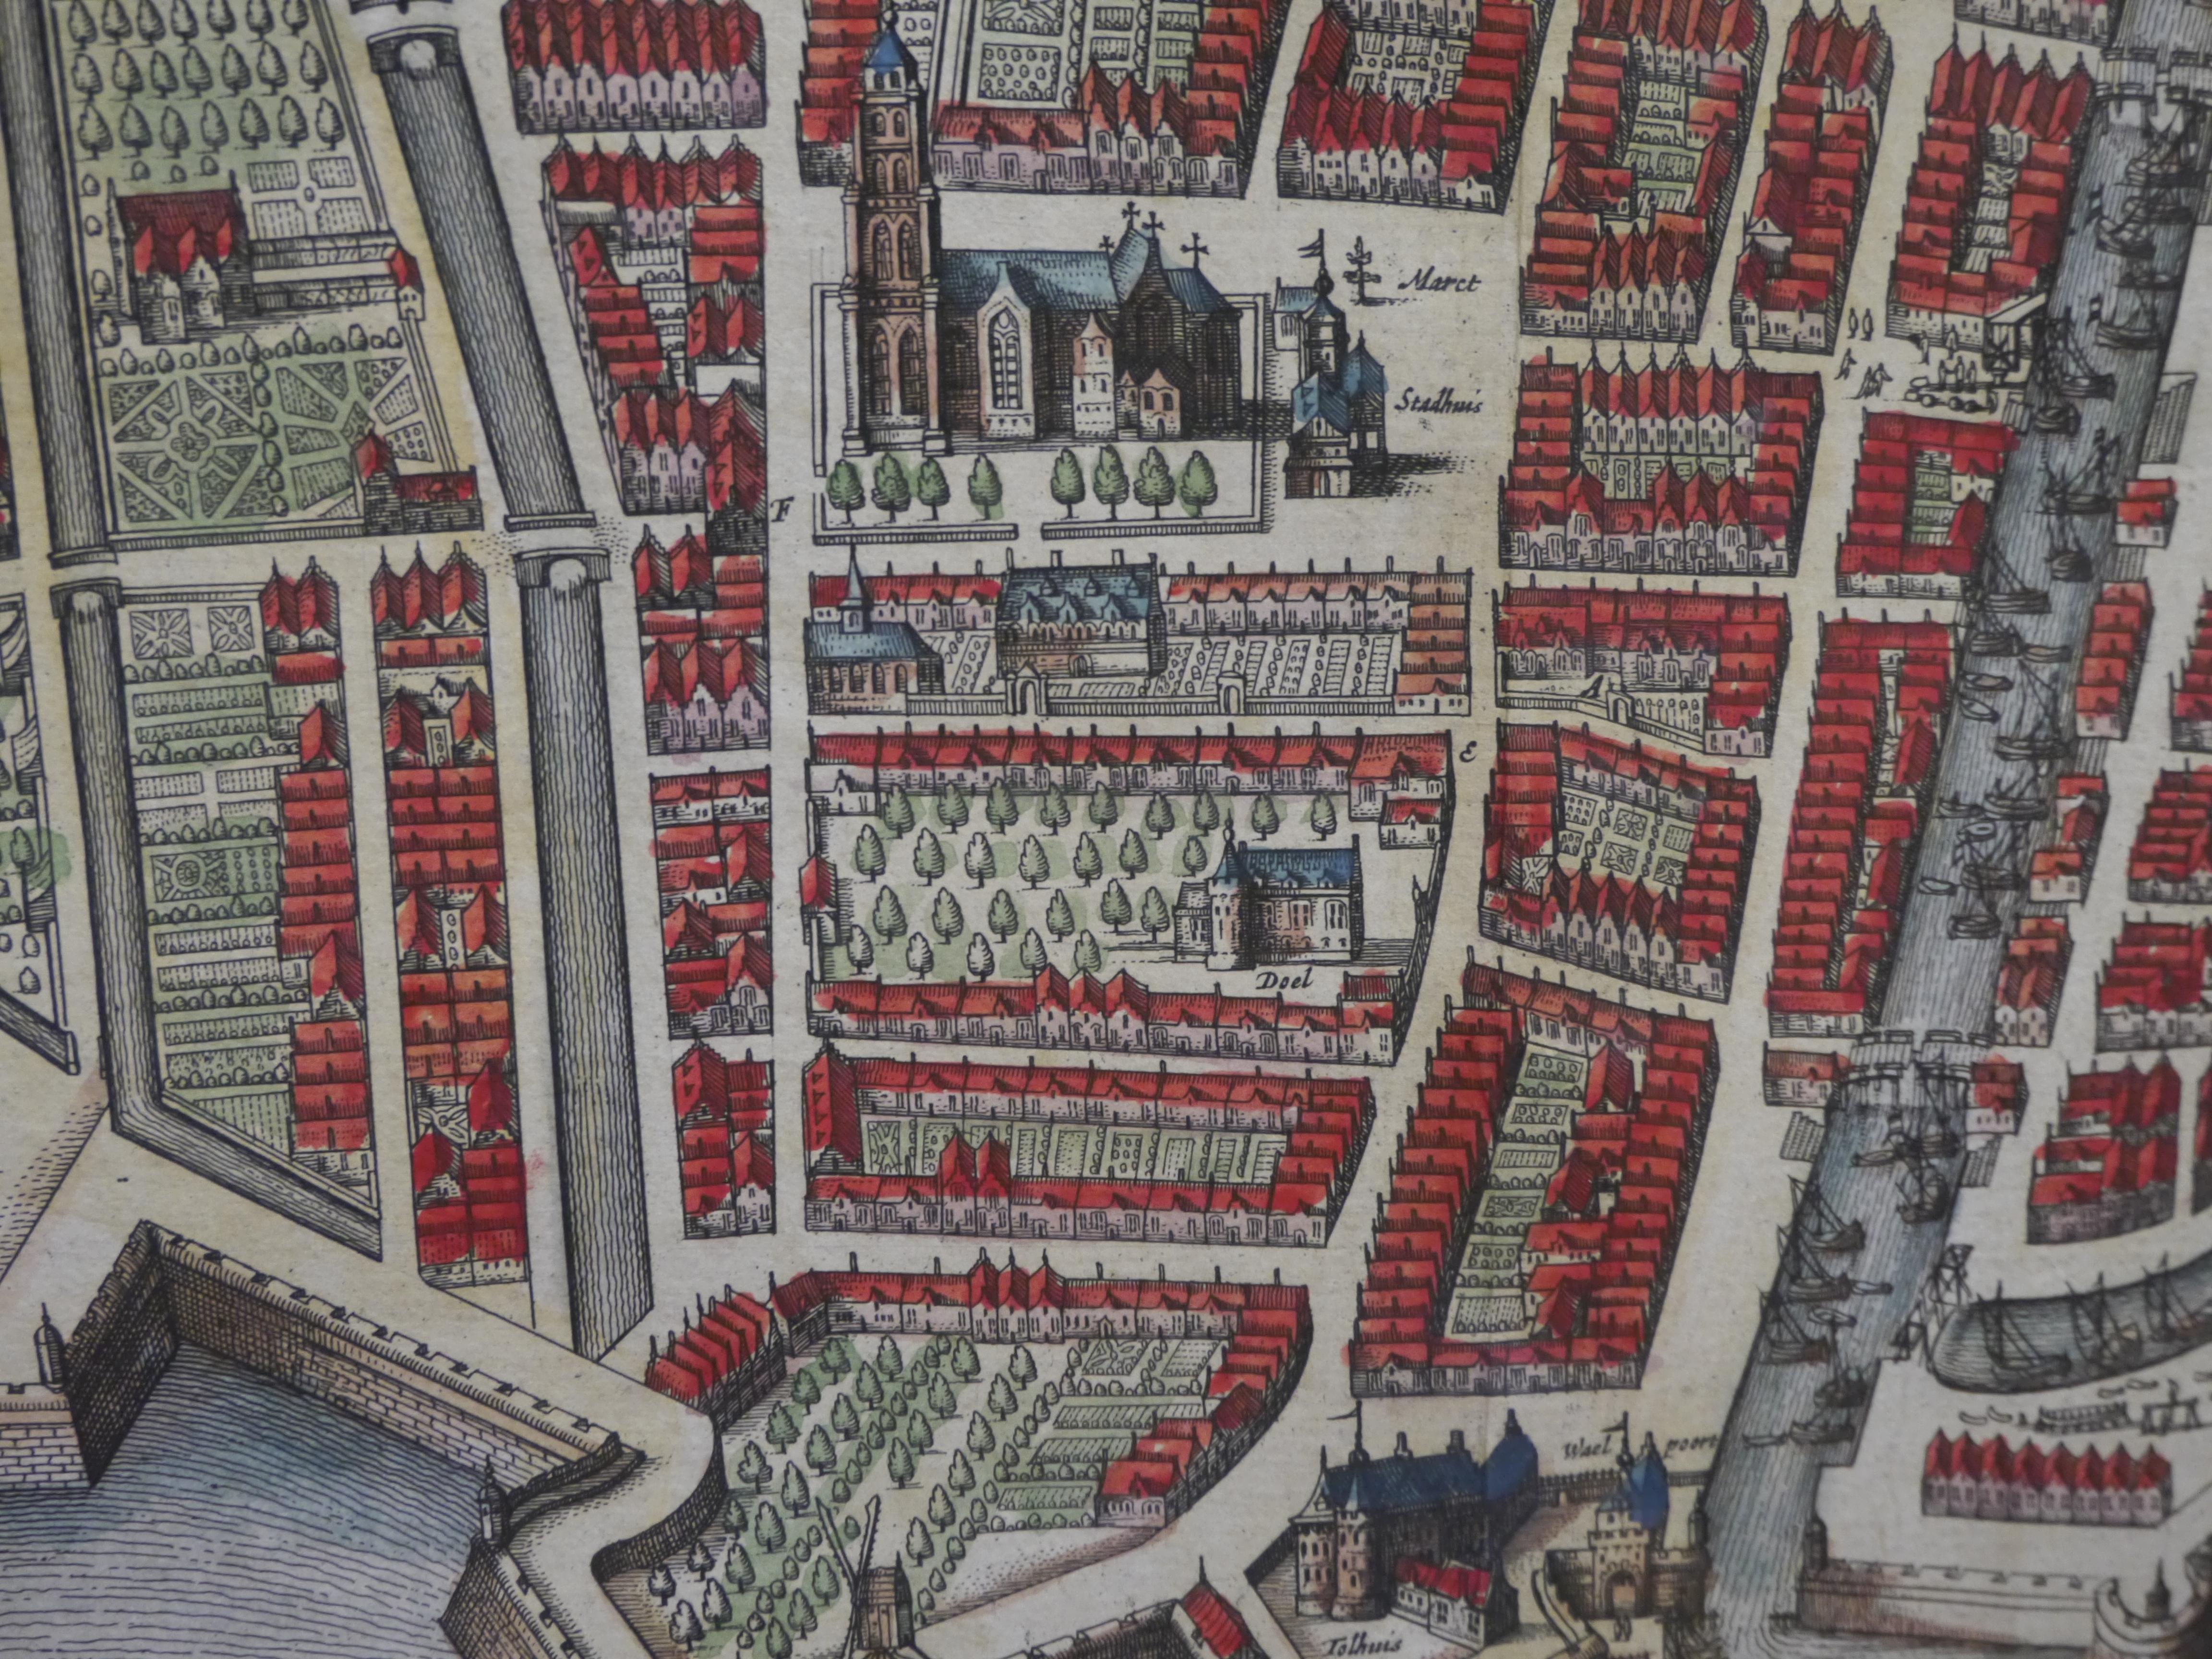 22_detail_plattegrond_van_gorcum_met_doelen_en_doelentuin_museum_gorinchem